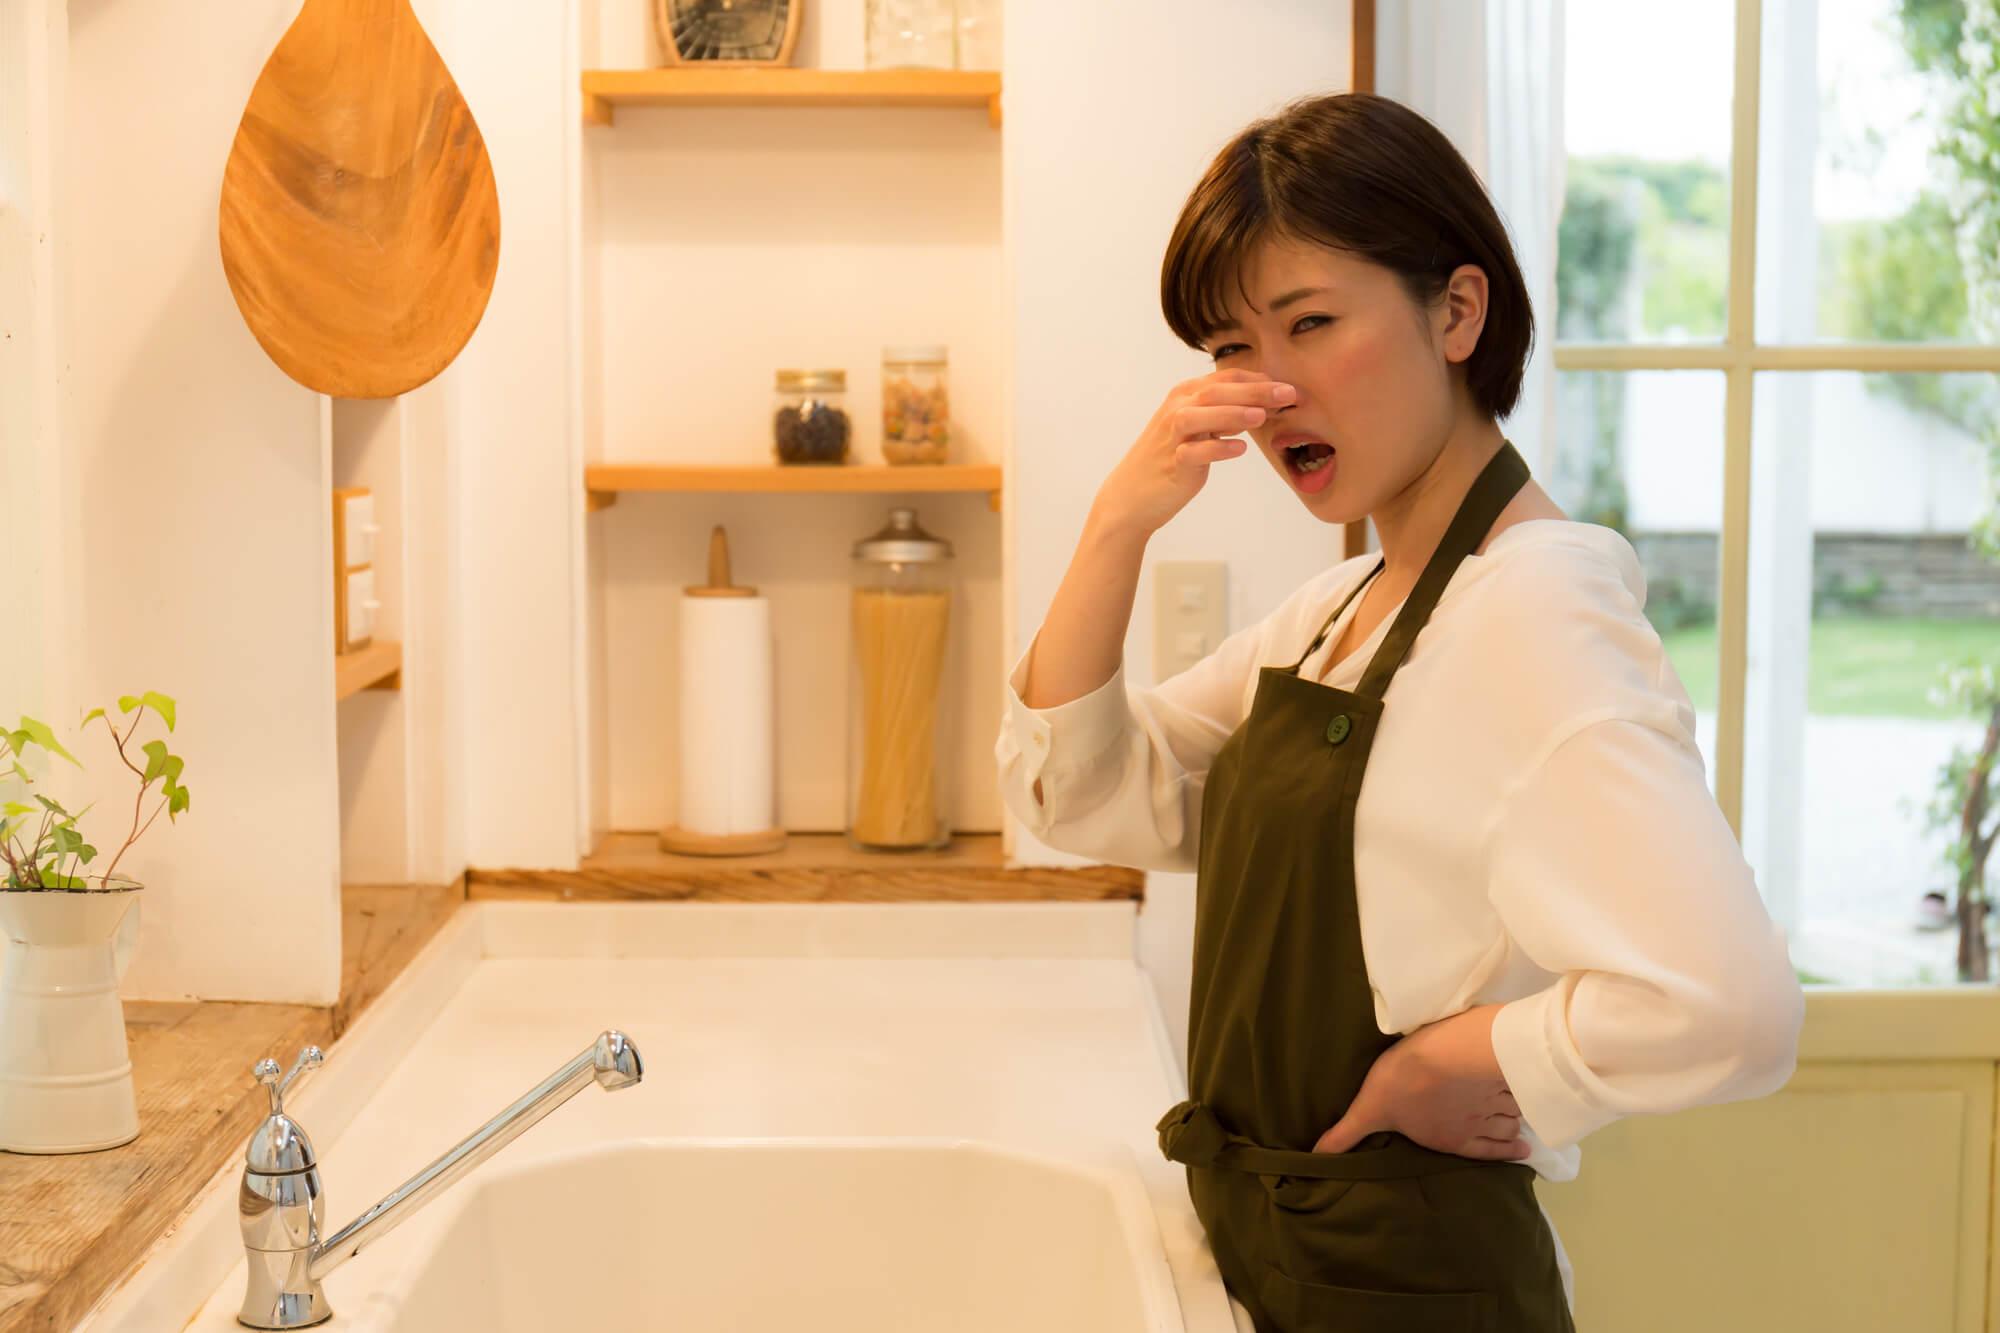 悪臭に耐える女性